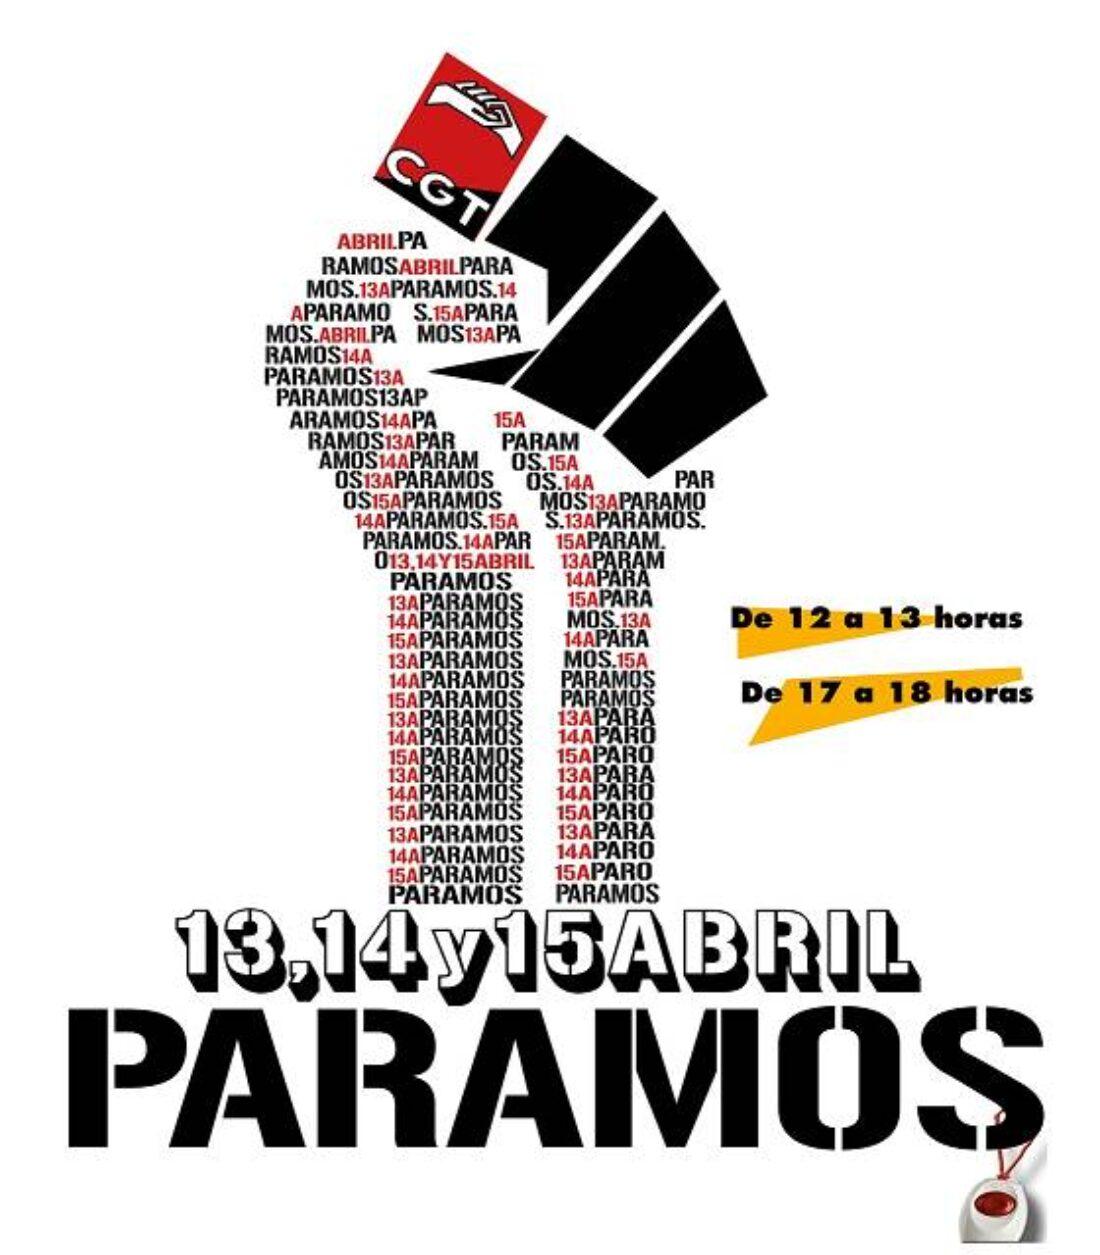 CGT convoca huelga en la ASSDA (Agencia Servicios Sociales de Andalucía)